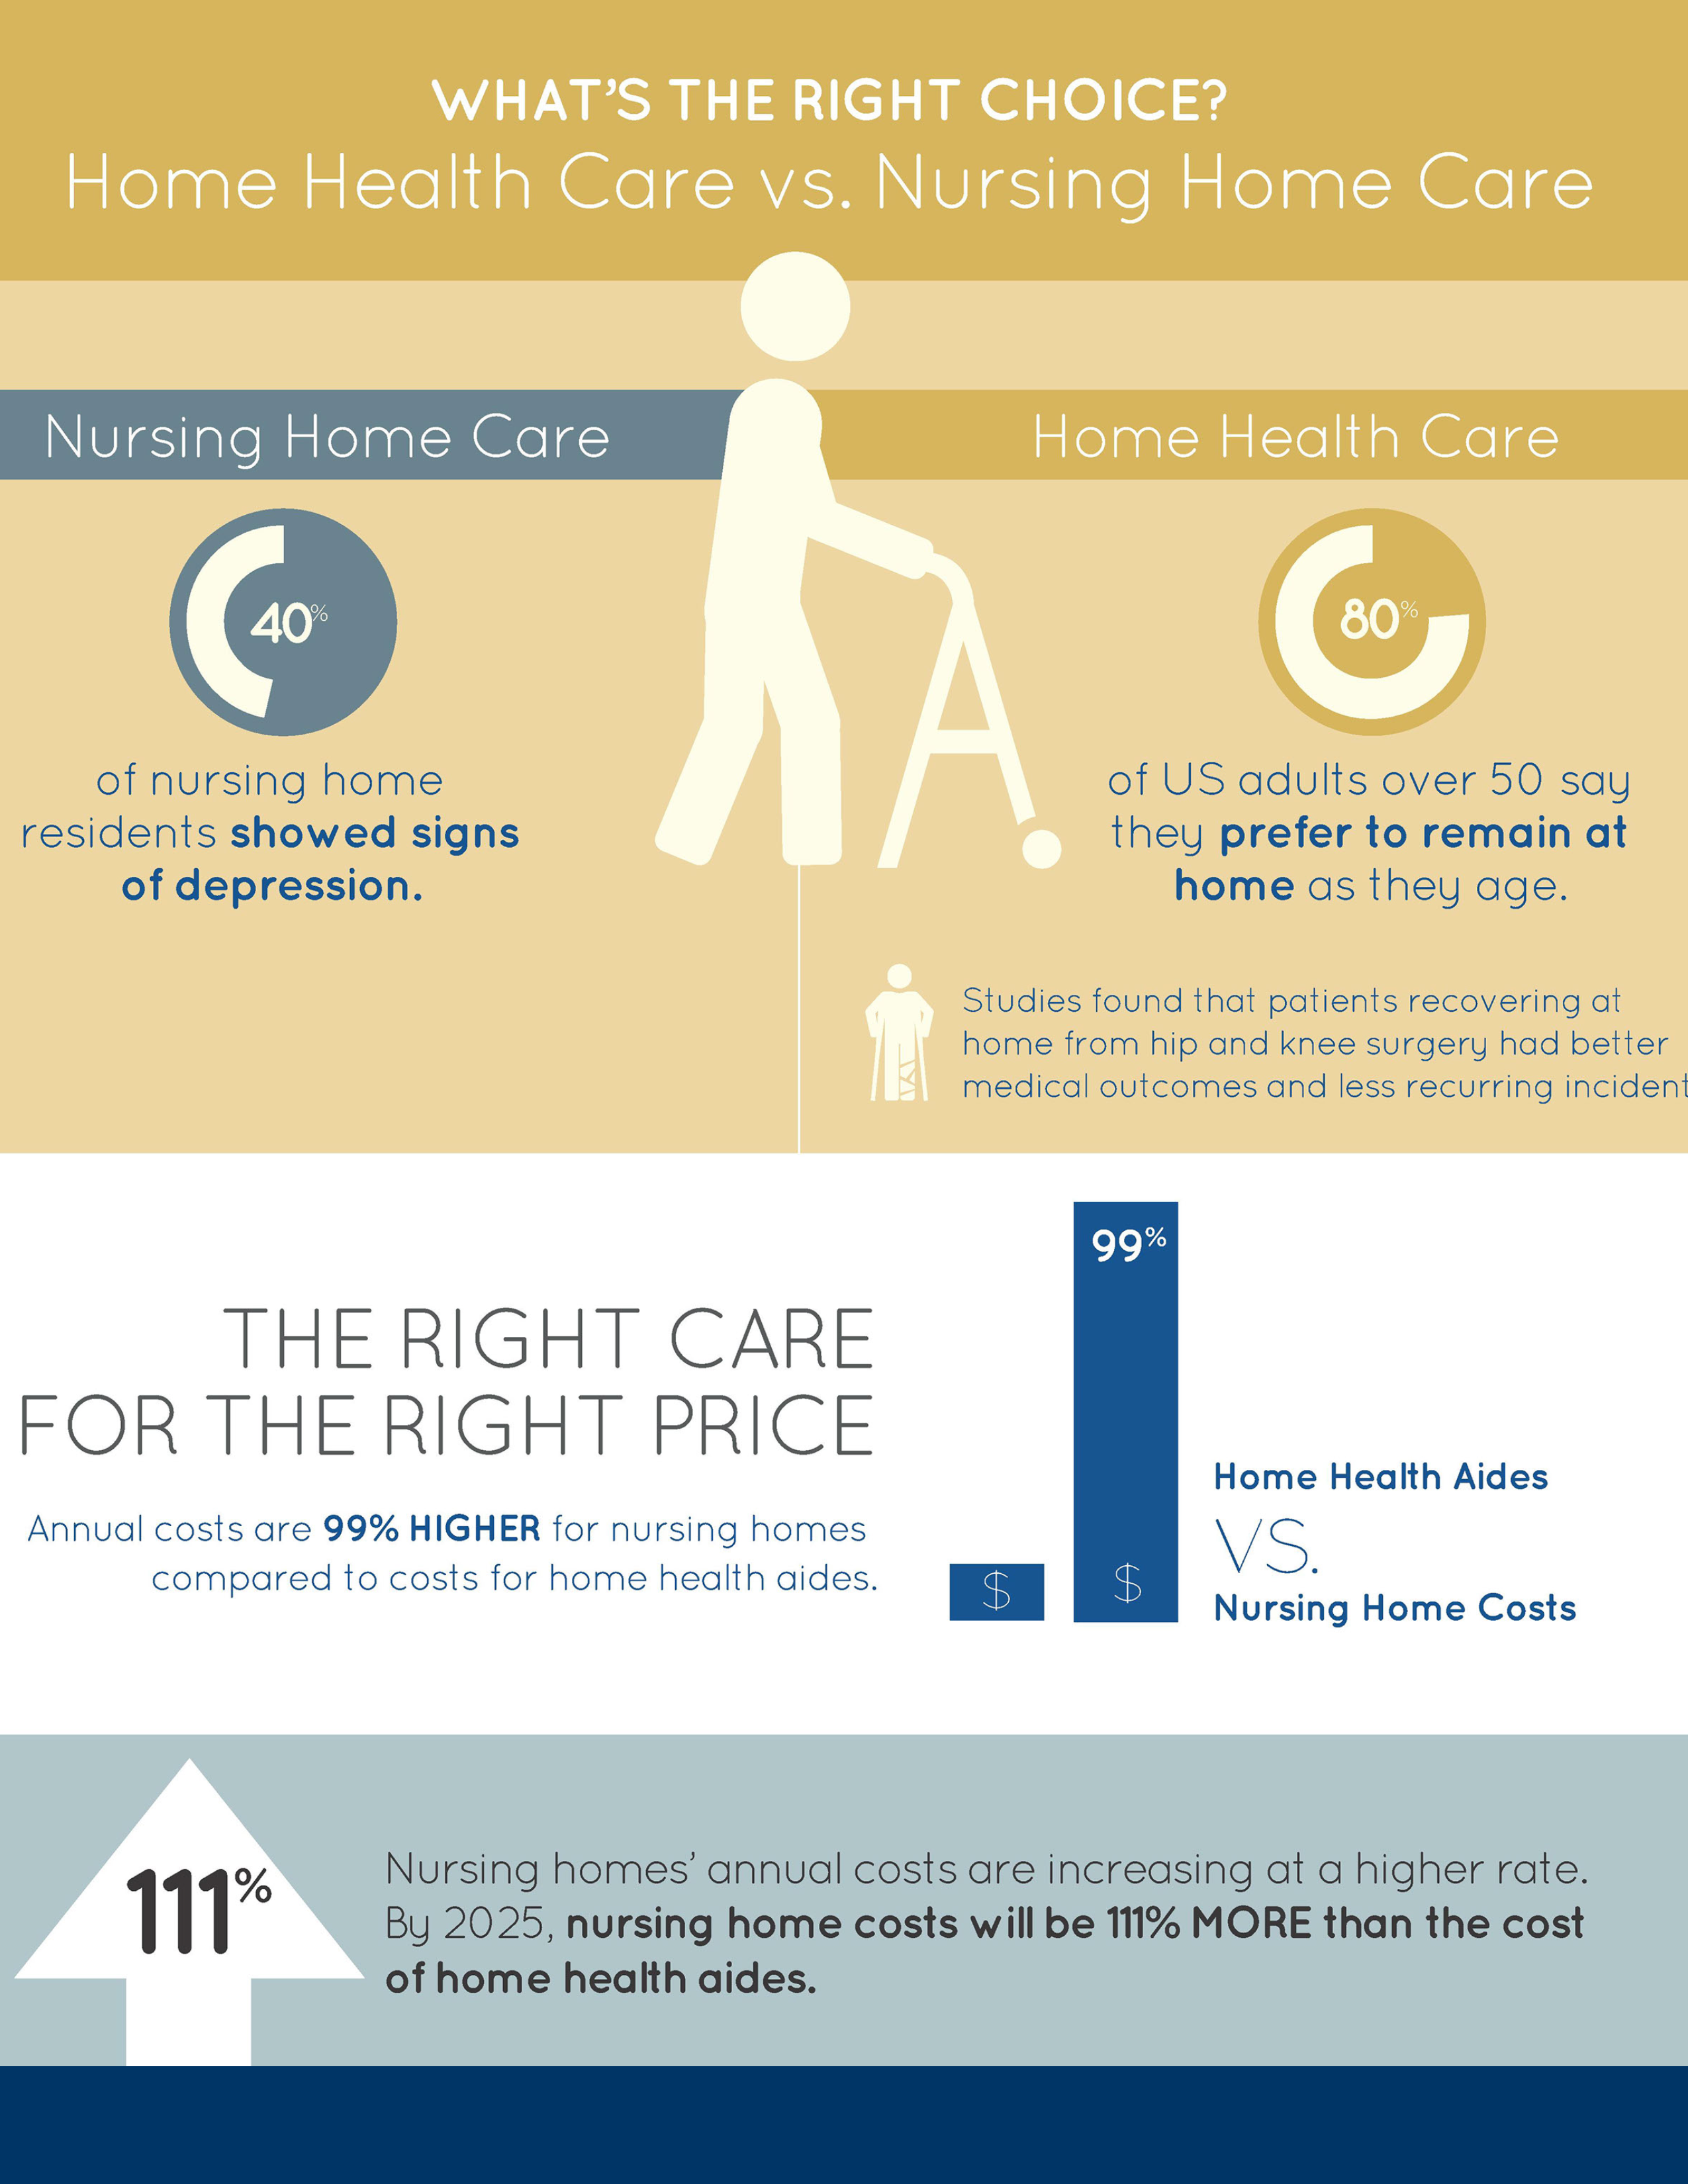 Home Health Care vs. Nursing Home Care